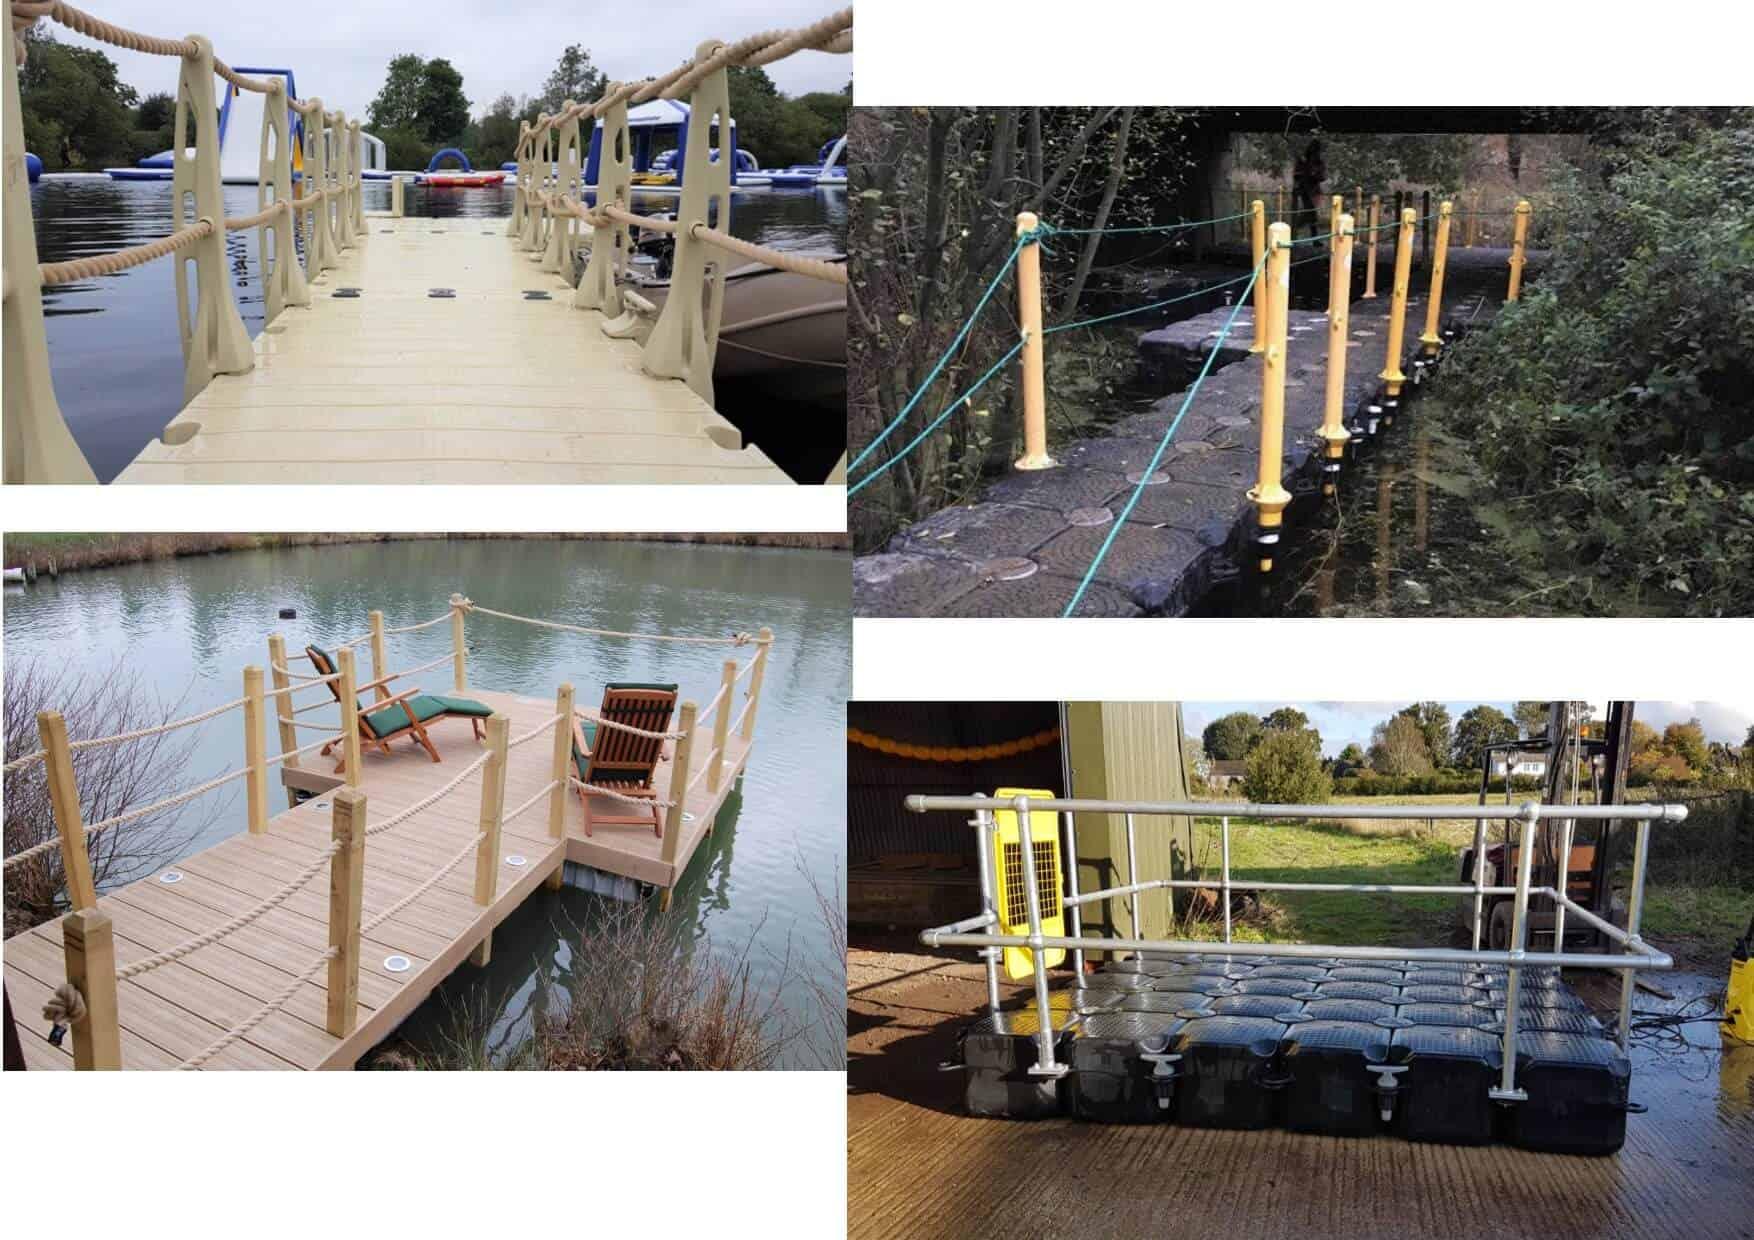 Handrails. Metal, HDPE, wooden, beige, yellow,